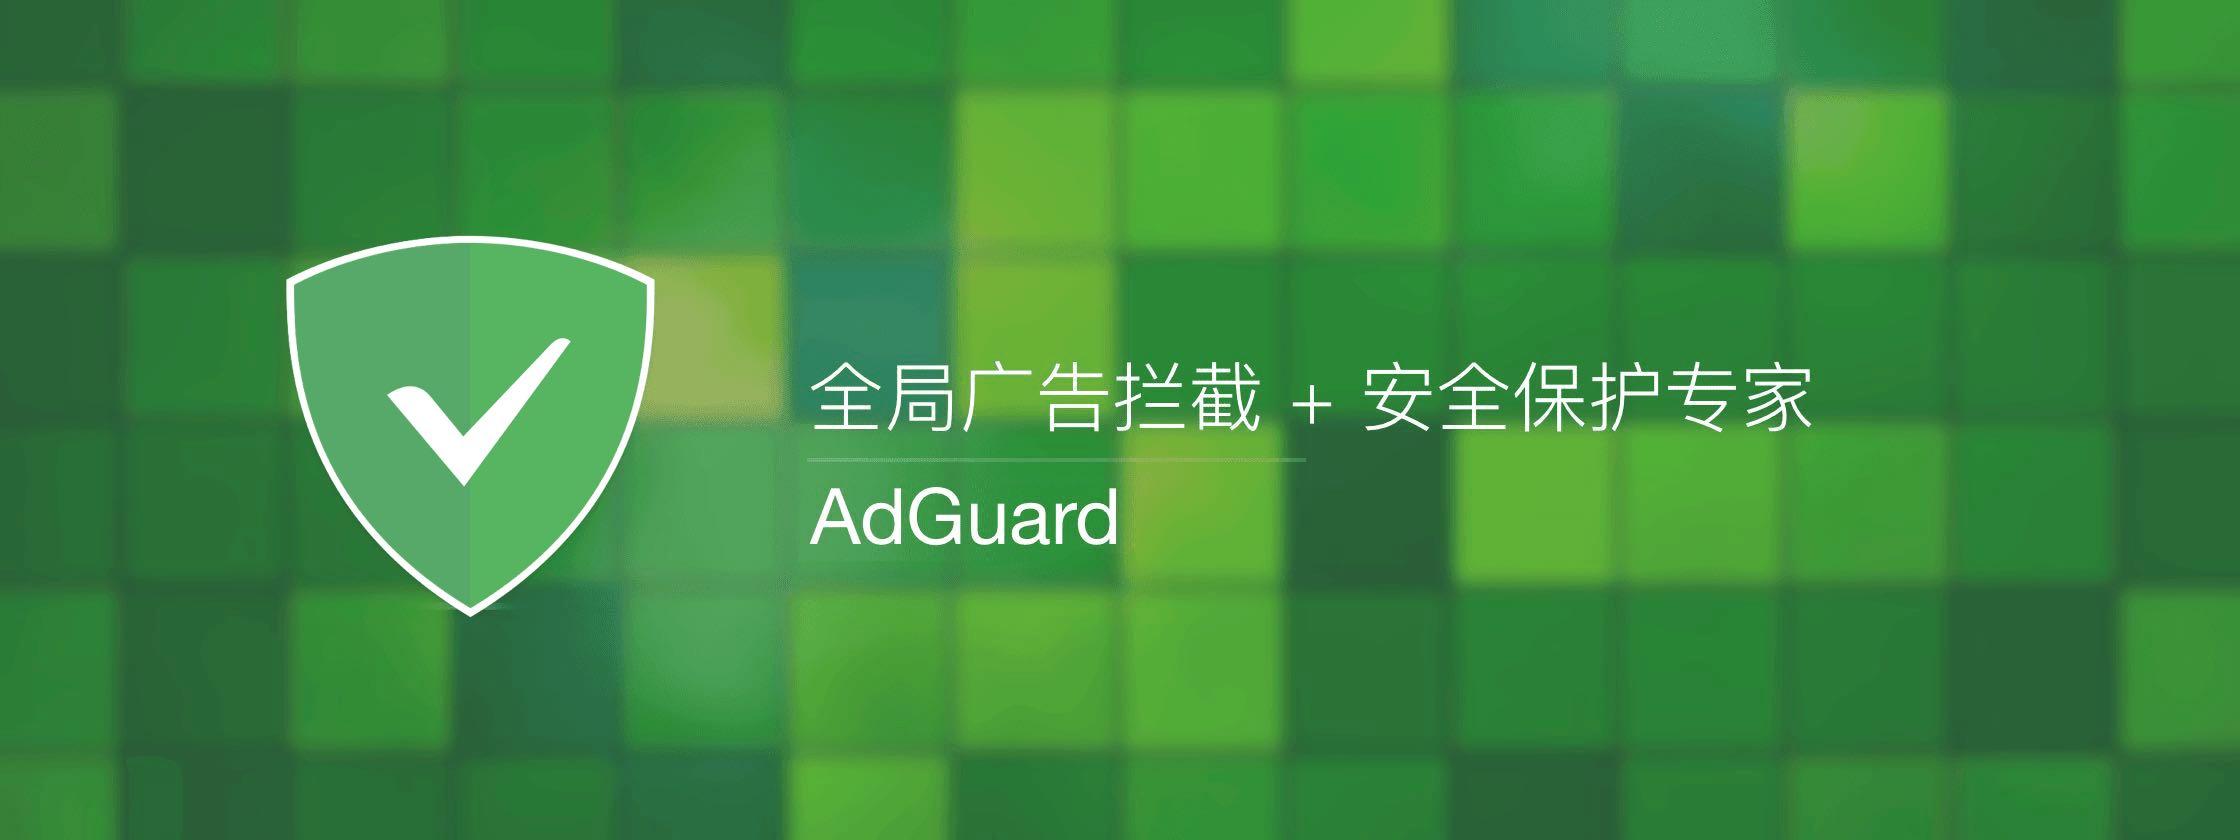 AdGuard: 全局广告拦截 + 安全保护专家